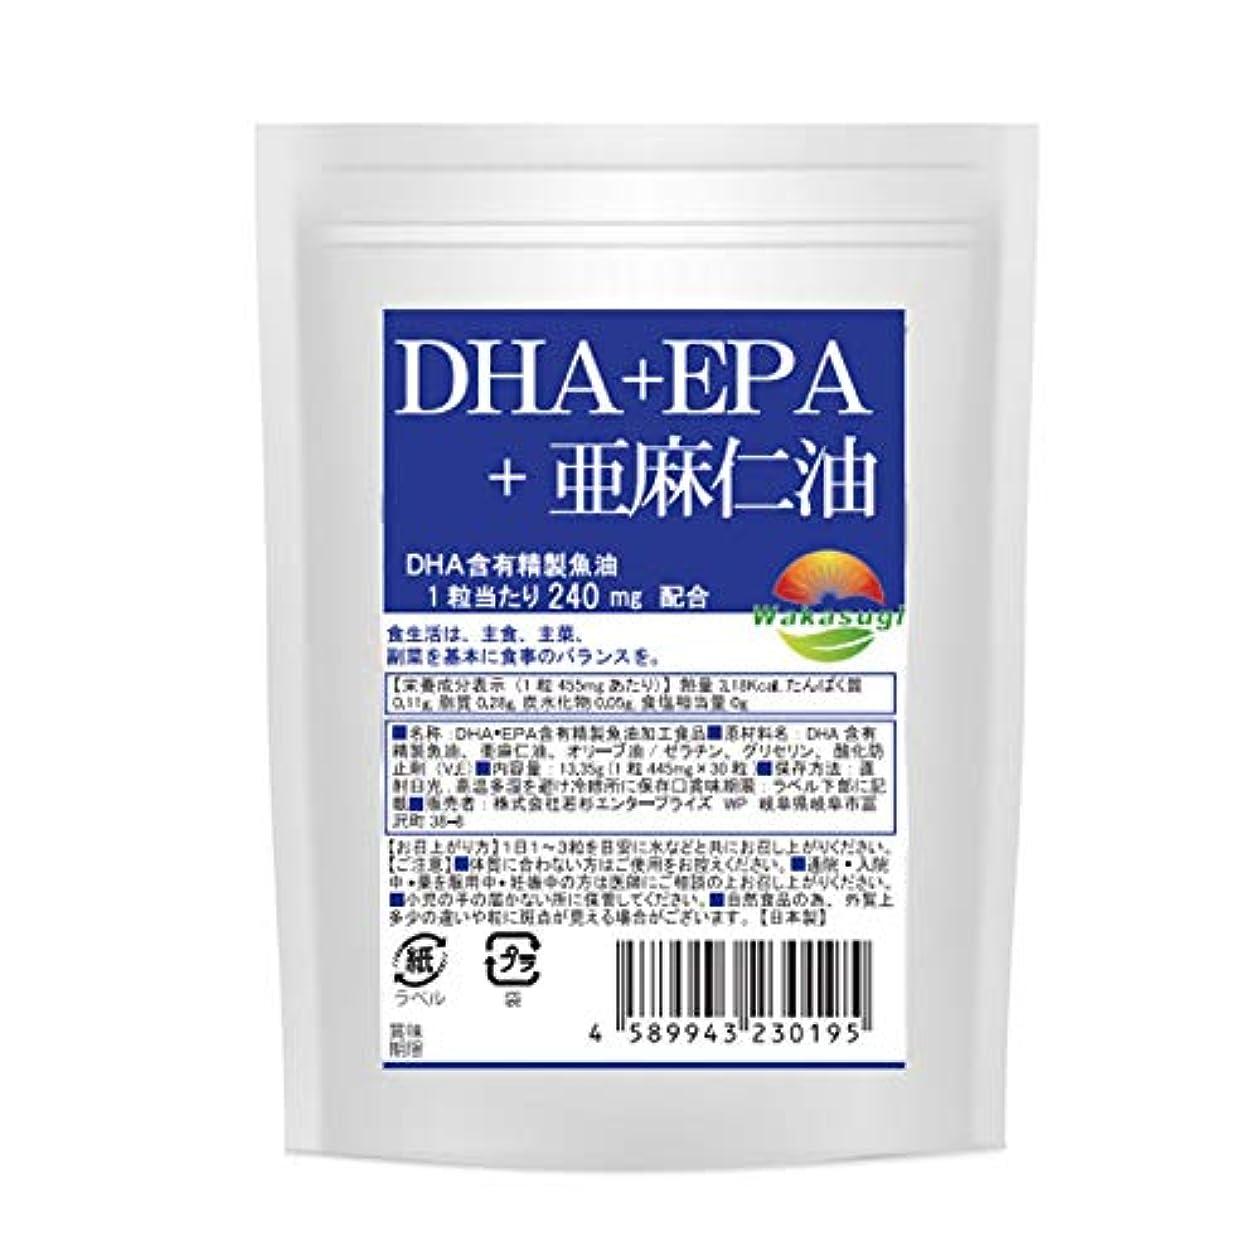 予約疑い傷跡dha epa サプリメント 亜麻仁油配合 30粒 ソフトカプセルタイプ